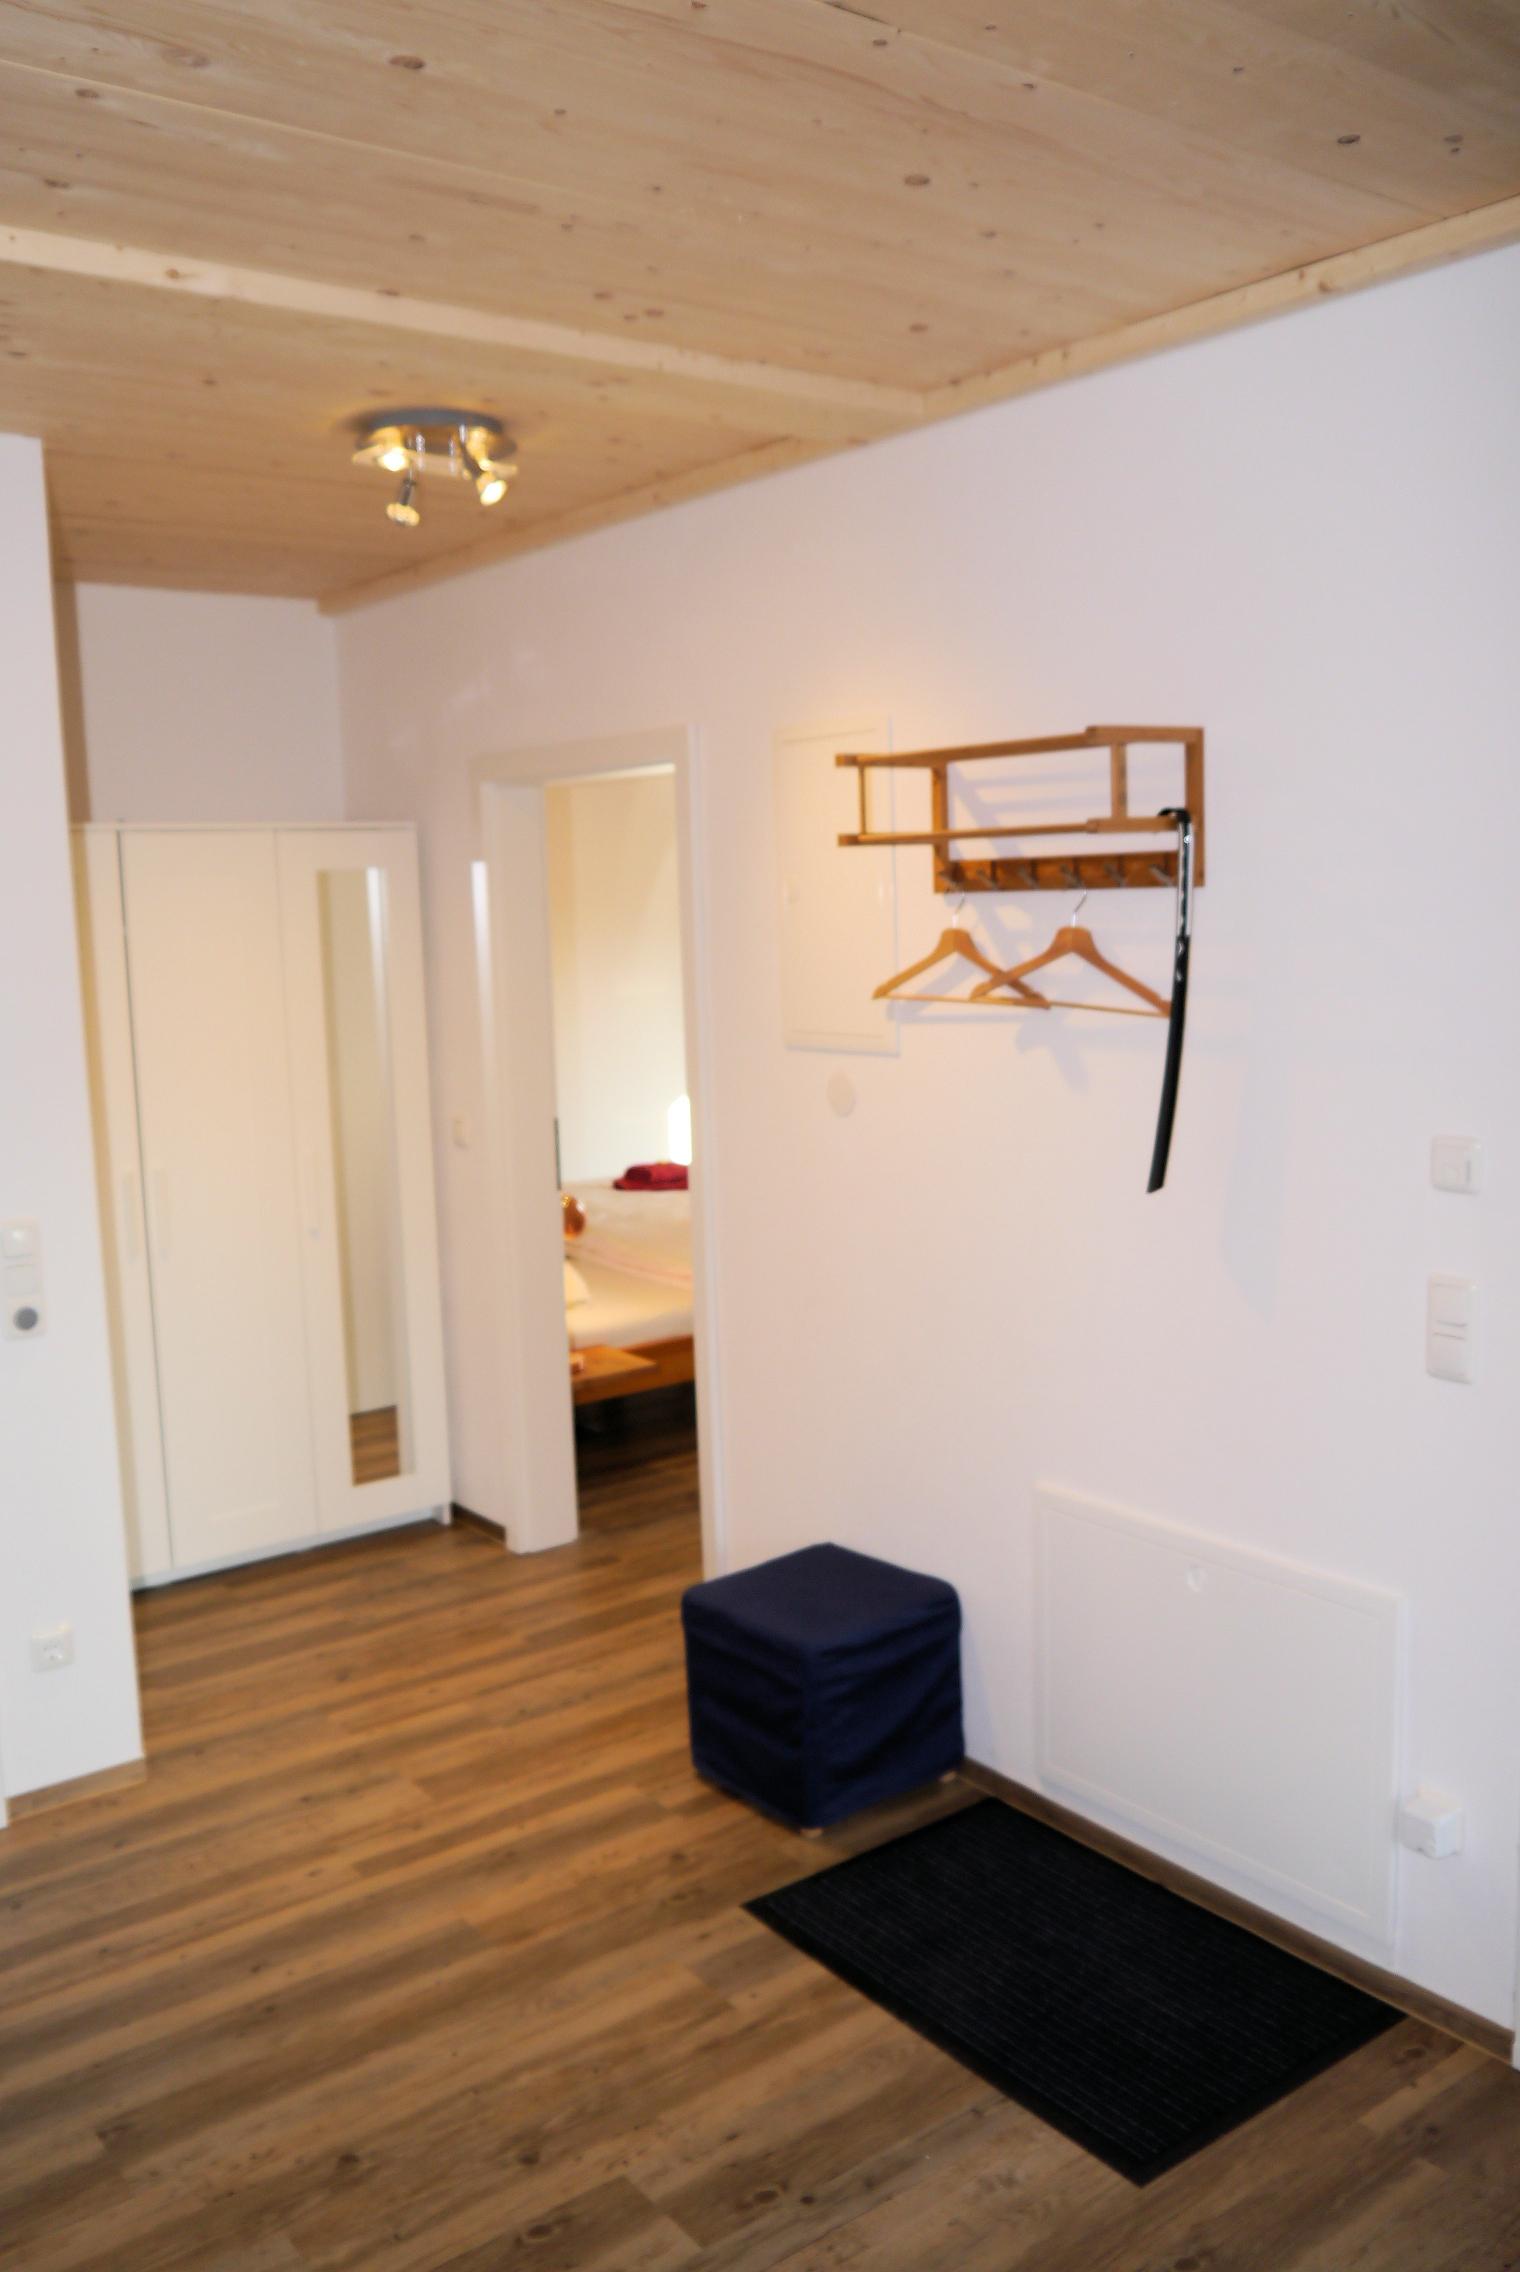 Apt. 1 Eingangsbereich mit Garderobe.